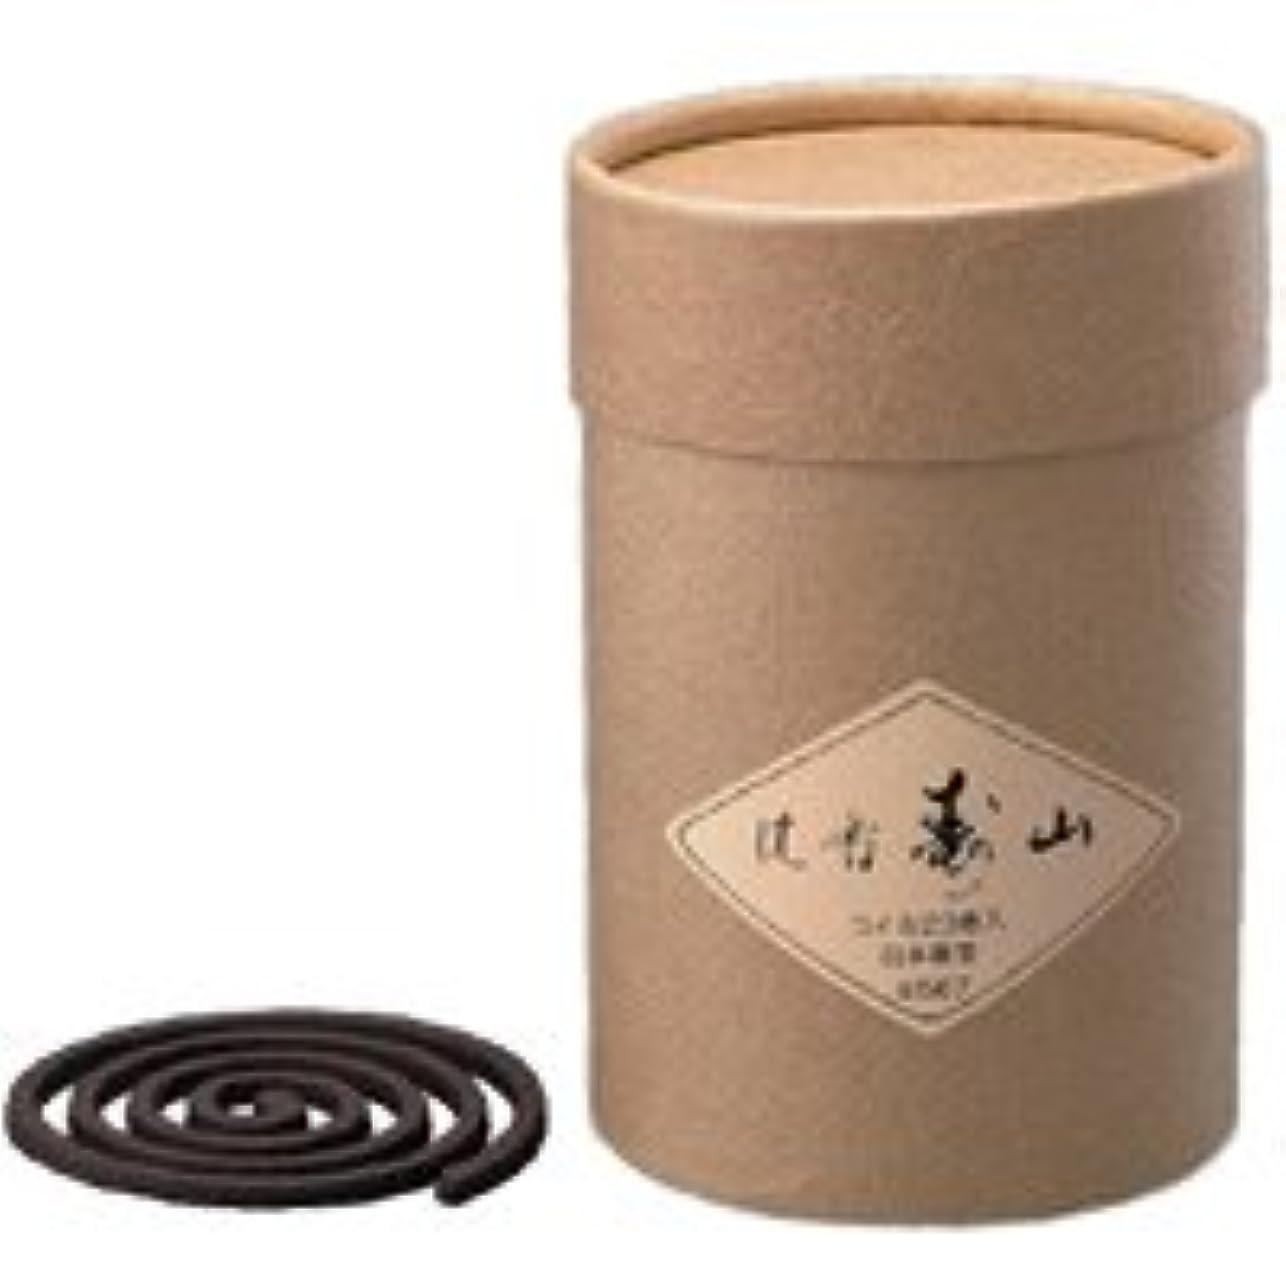 指定を除く斧【日本香堂】お香 沈香寿山 コイル 20巻